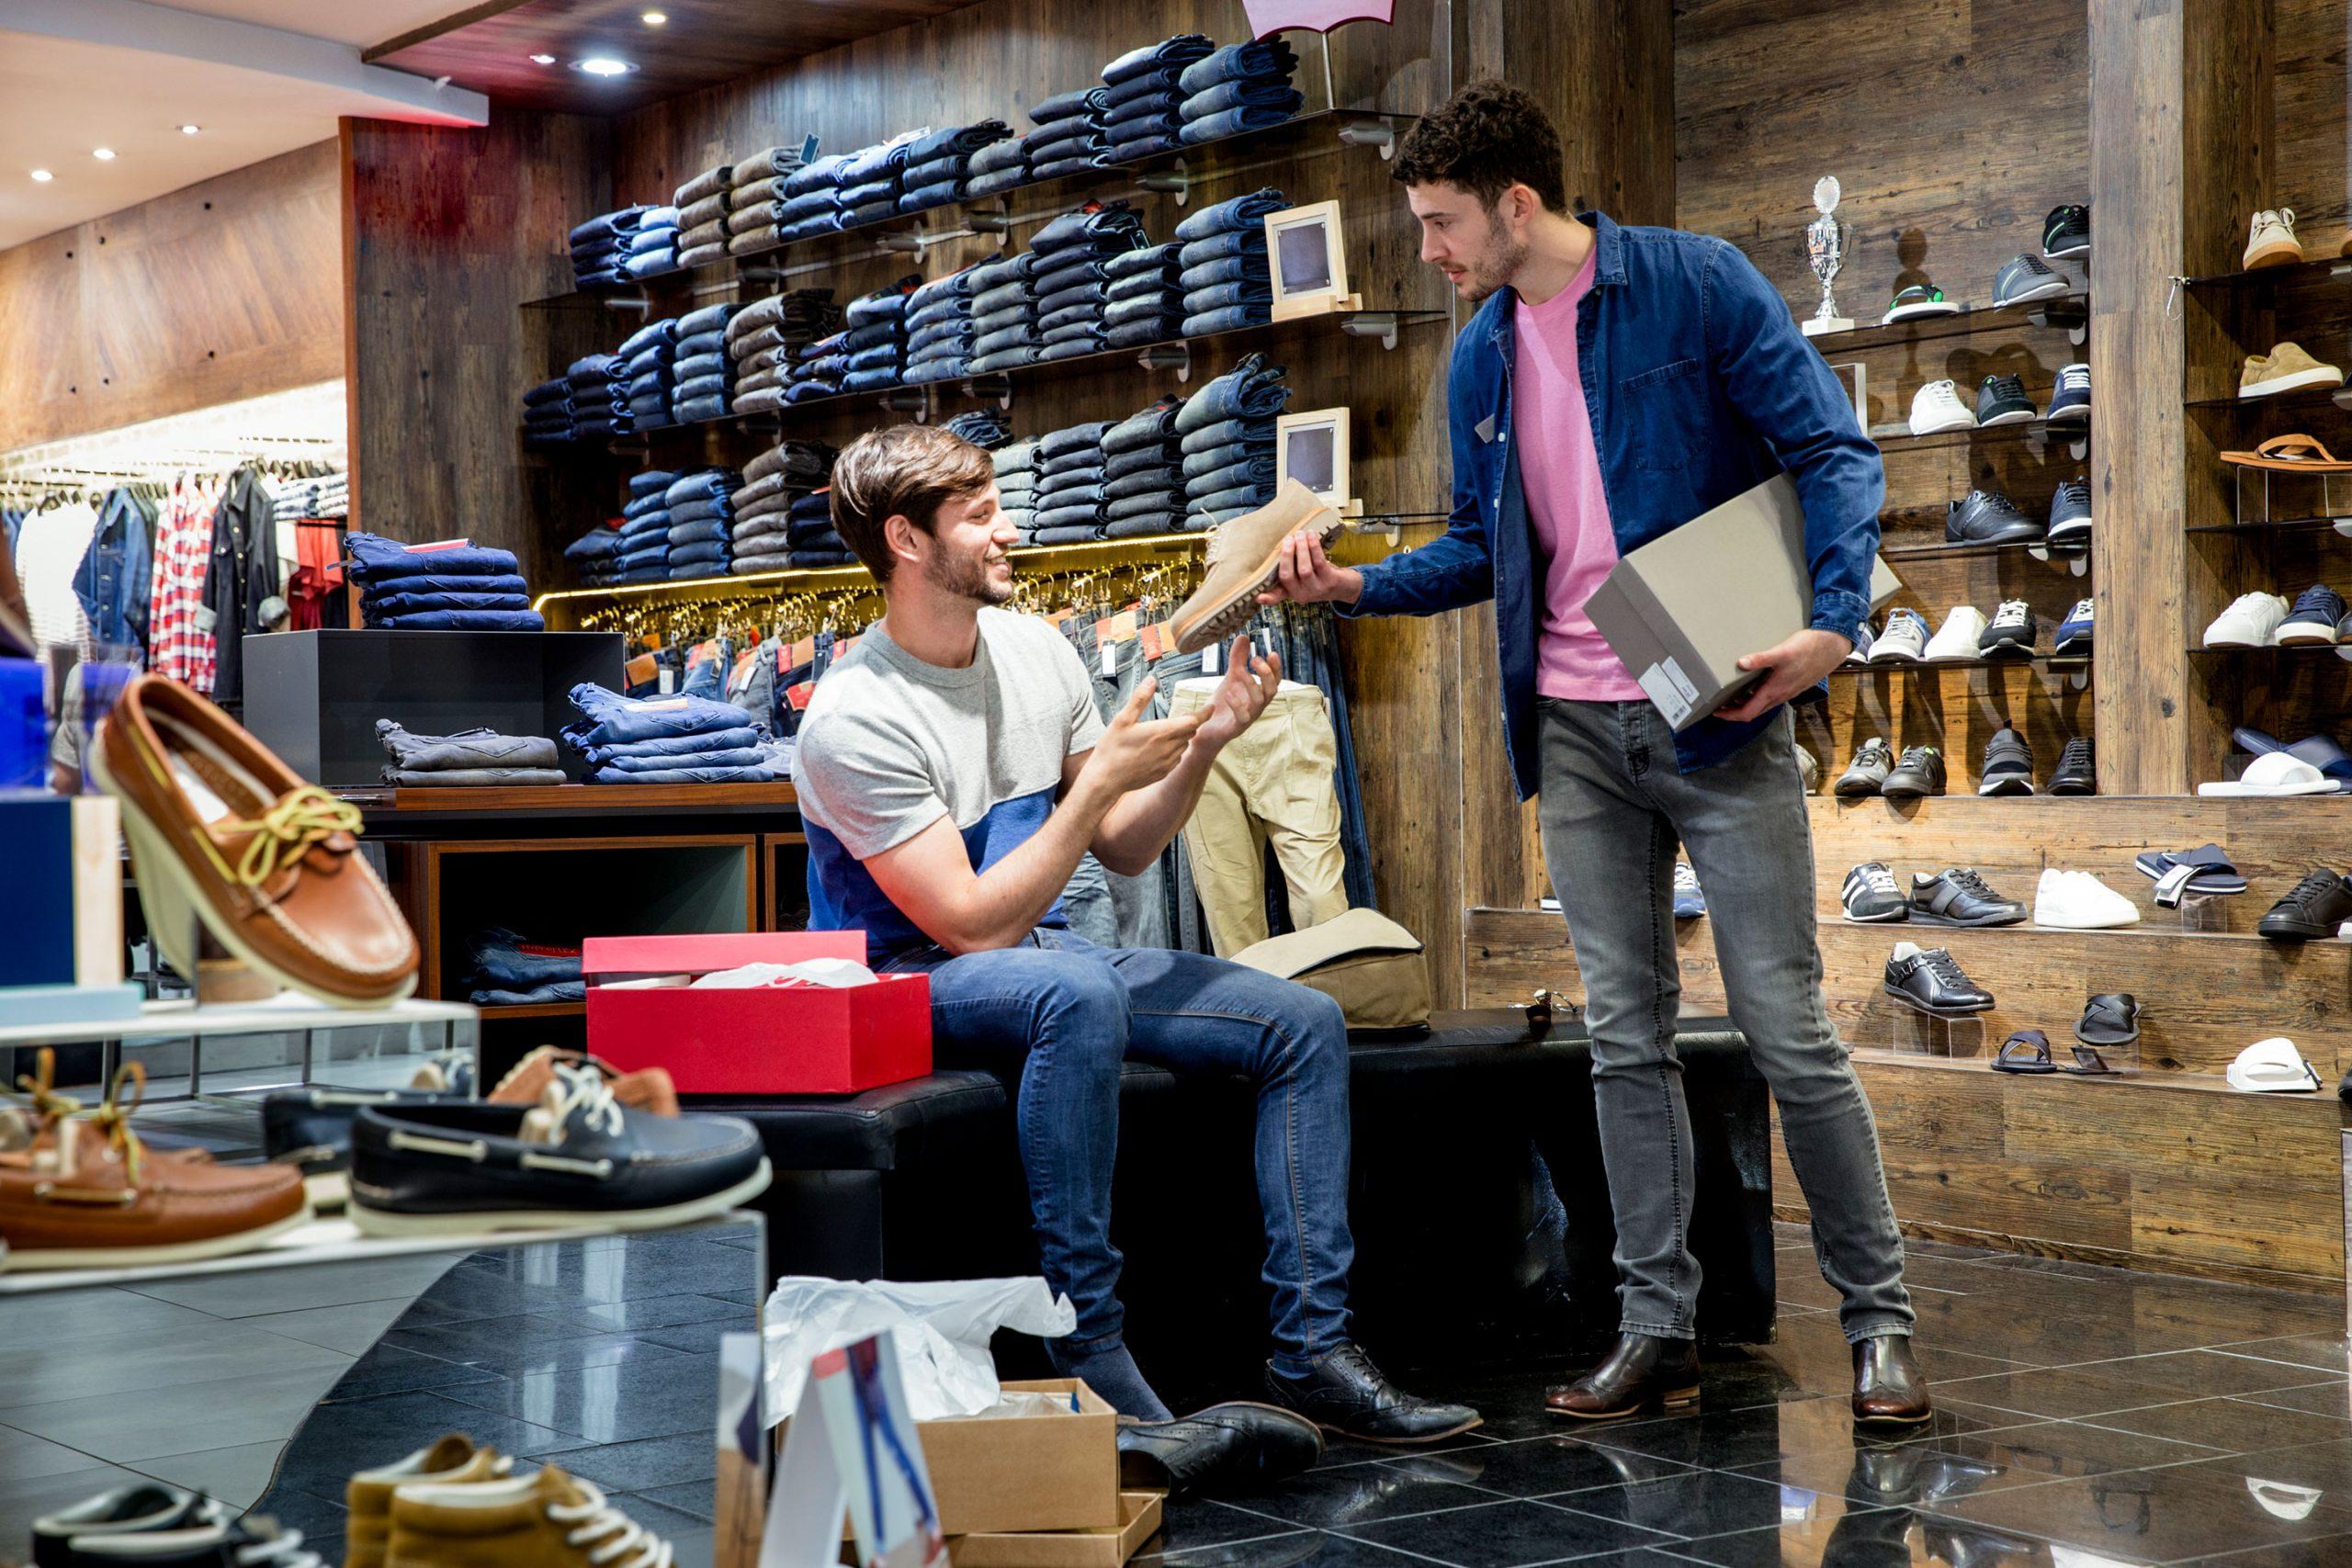 img-retailsector-men